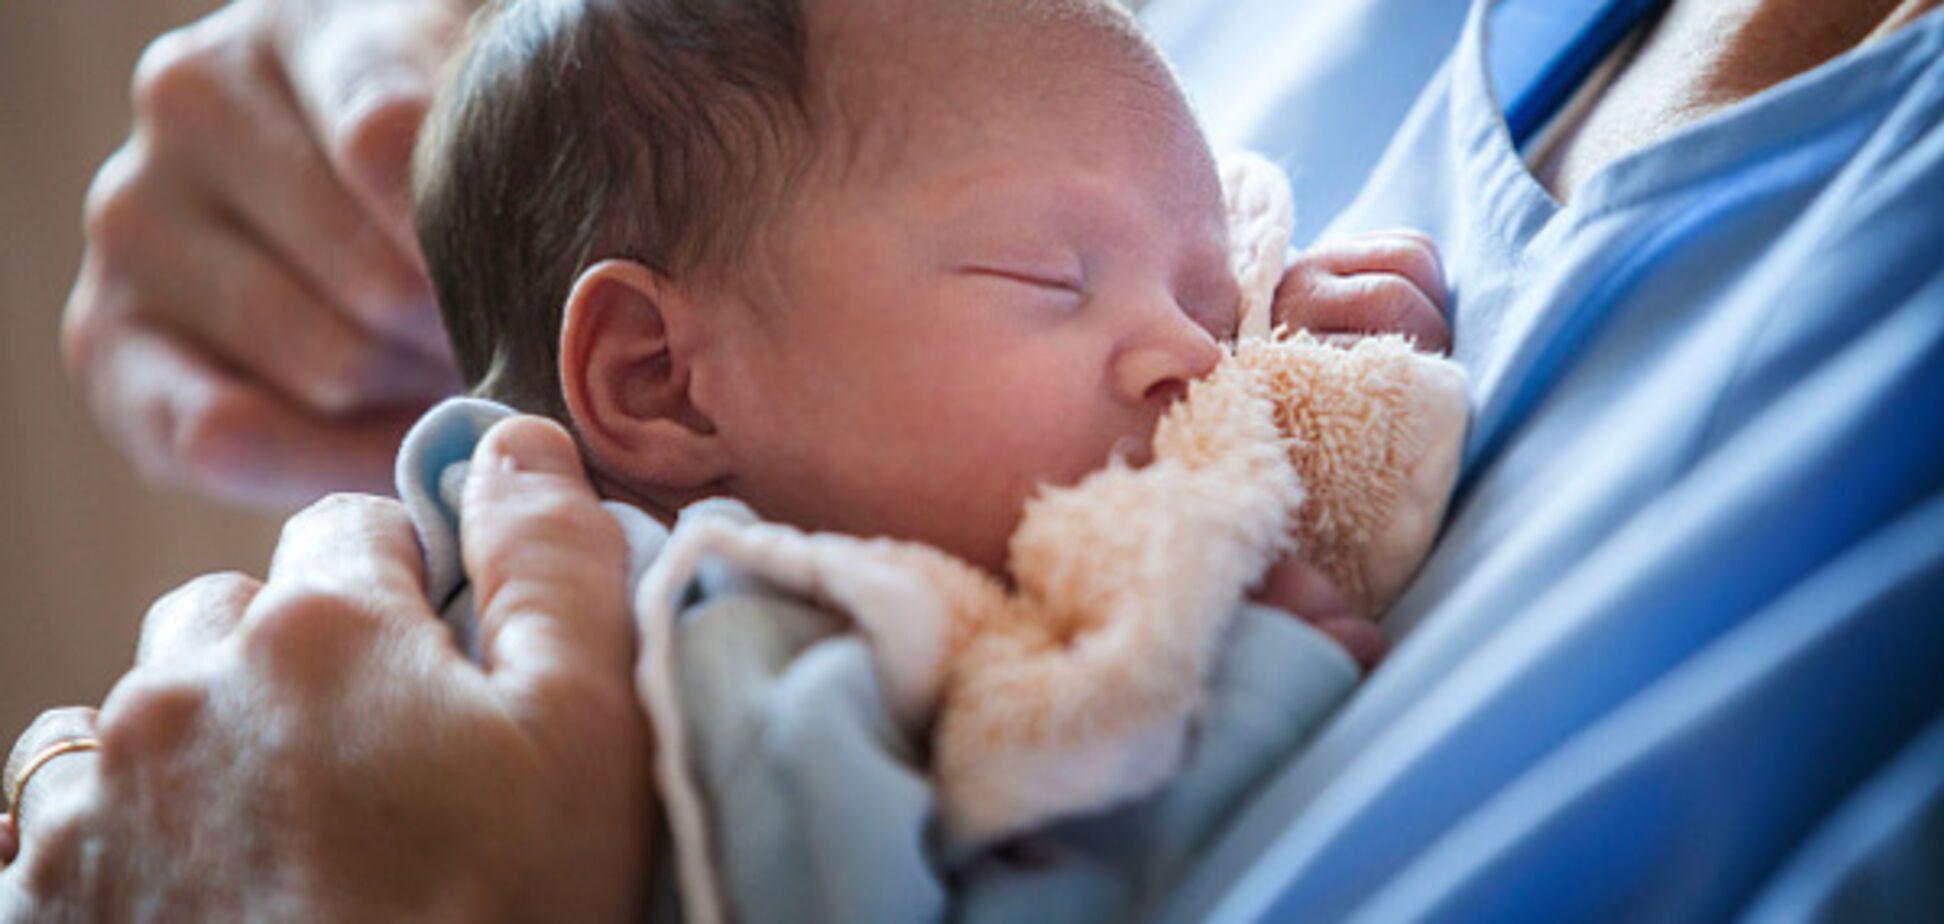 Это чудо: в Индии провели уникальную операцию, спасшую жизнь 500-граммовому младенцу